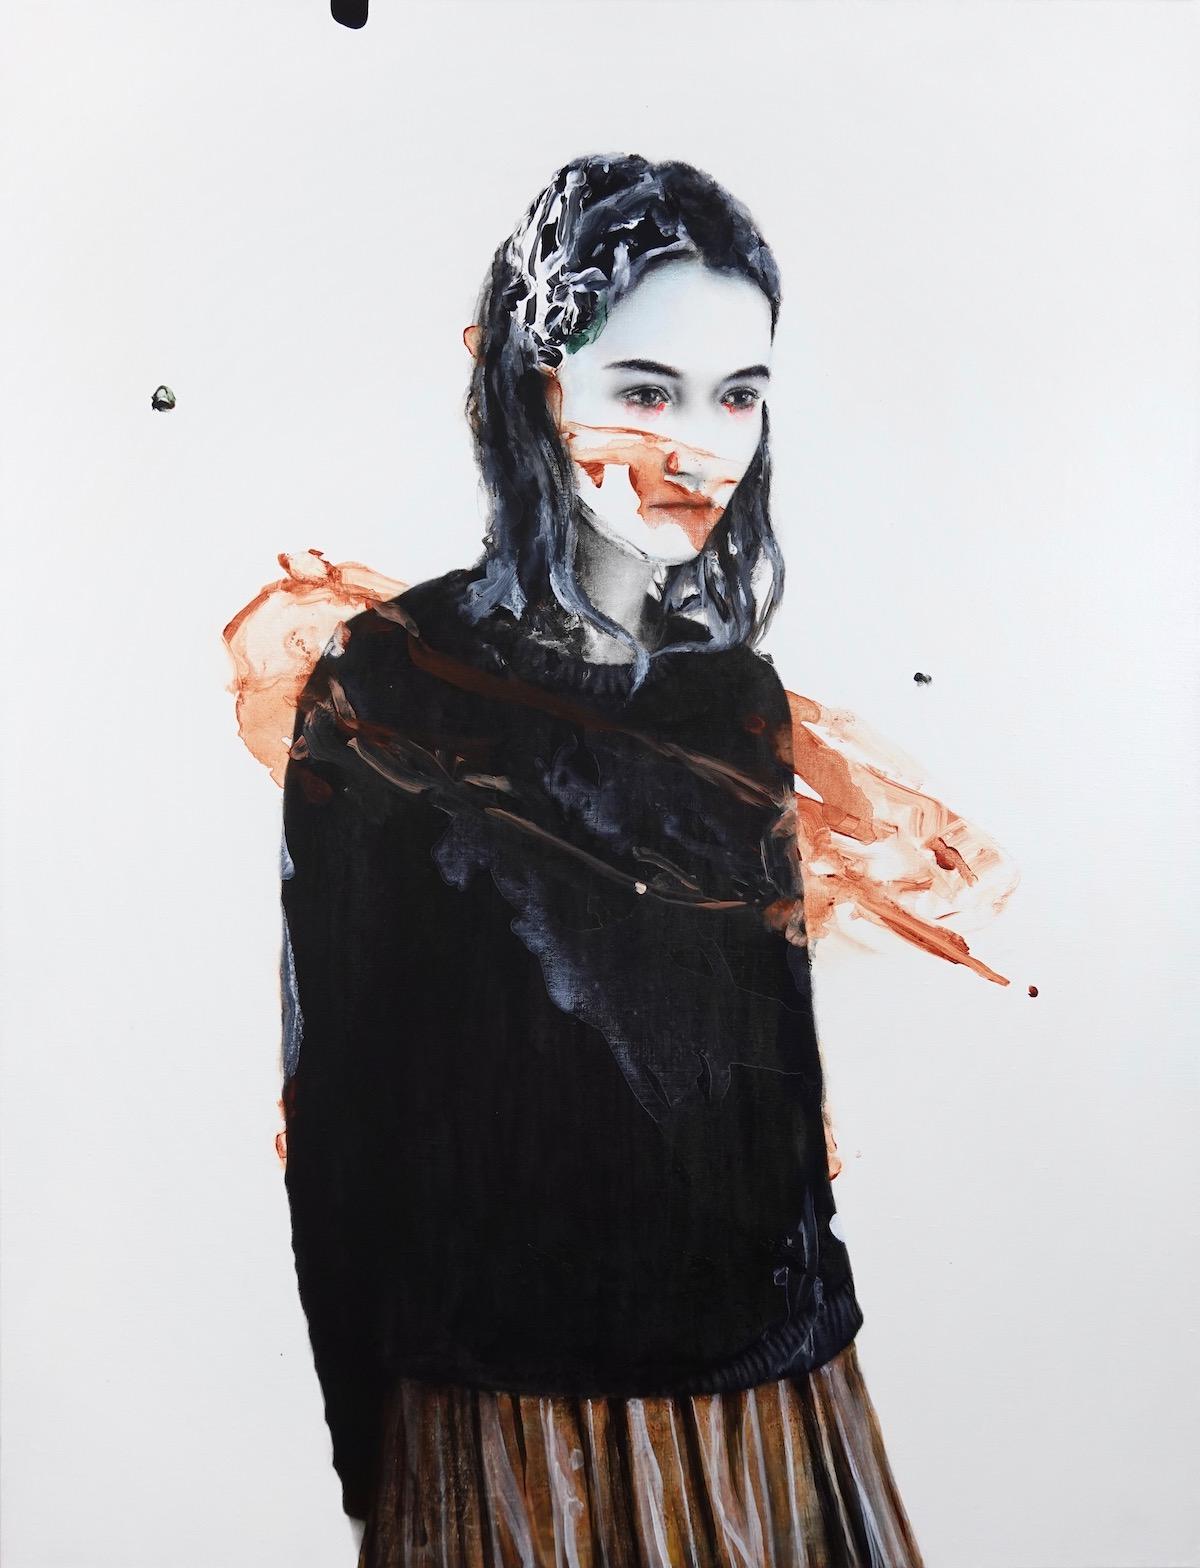 antoine cordet canvas toile peinture painting portrait art artist artiste peintre acrylic oil nocturnal hitchcock